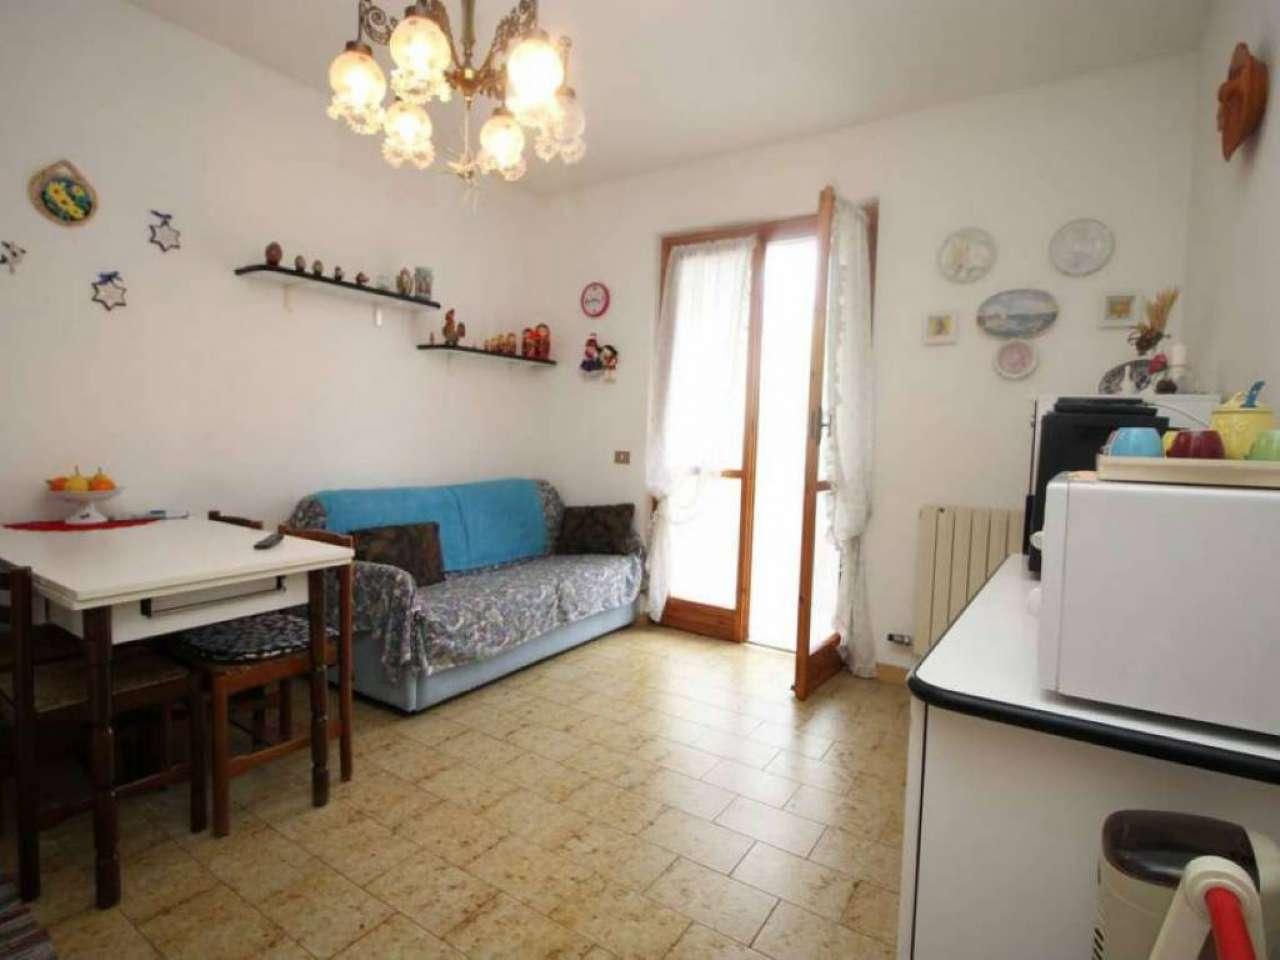 Appartamento in vendita a Toirano, 4 locali, prezzo € 135.000 | PortaleAgenzieImmobiliari.it